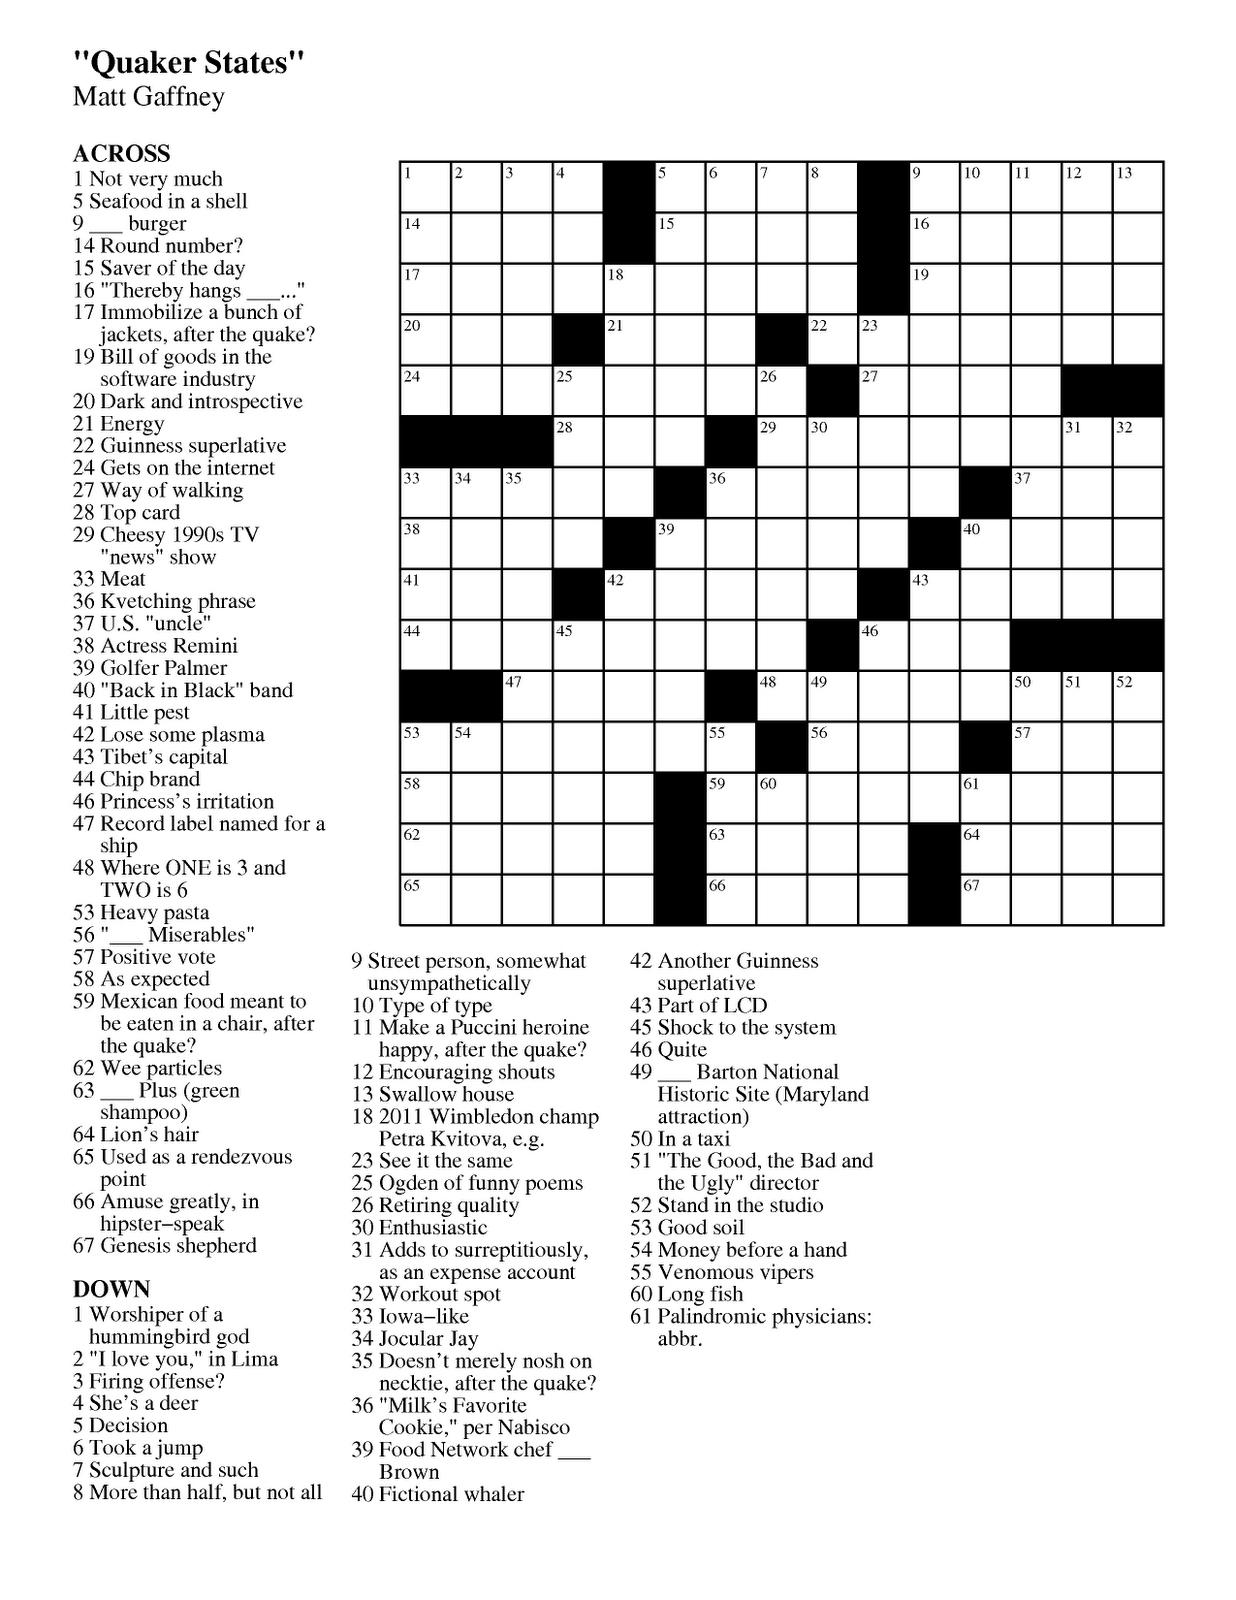 Printable People Magazine Crossword Puzz - Free Printable Crossword Puzzle #1